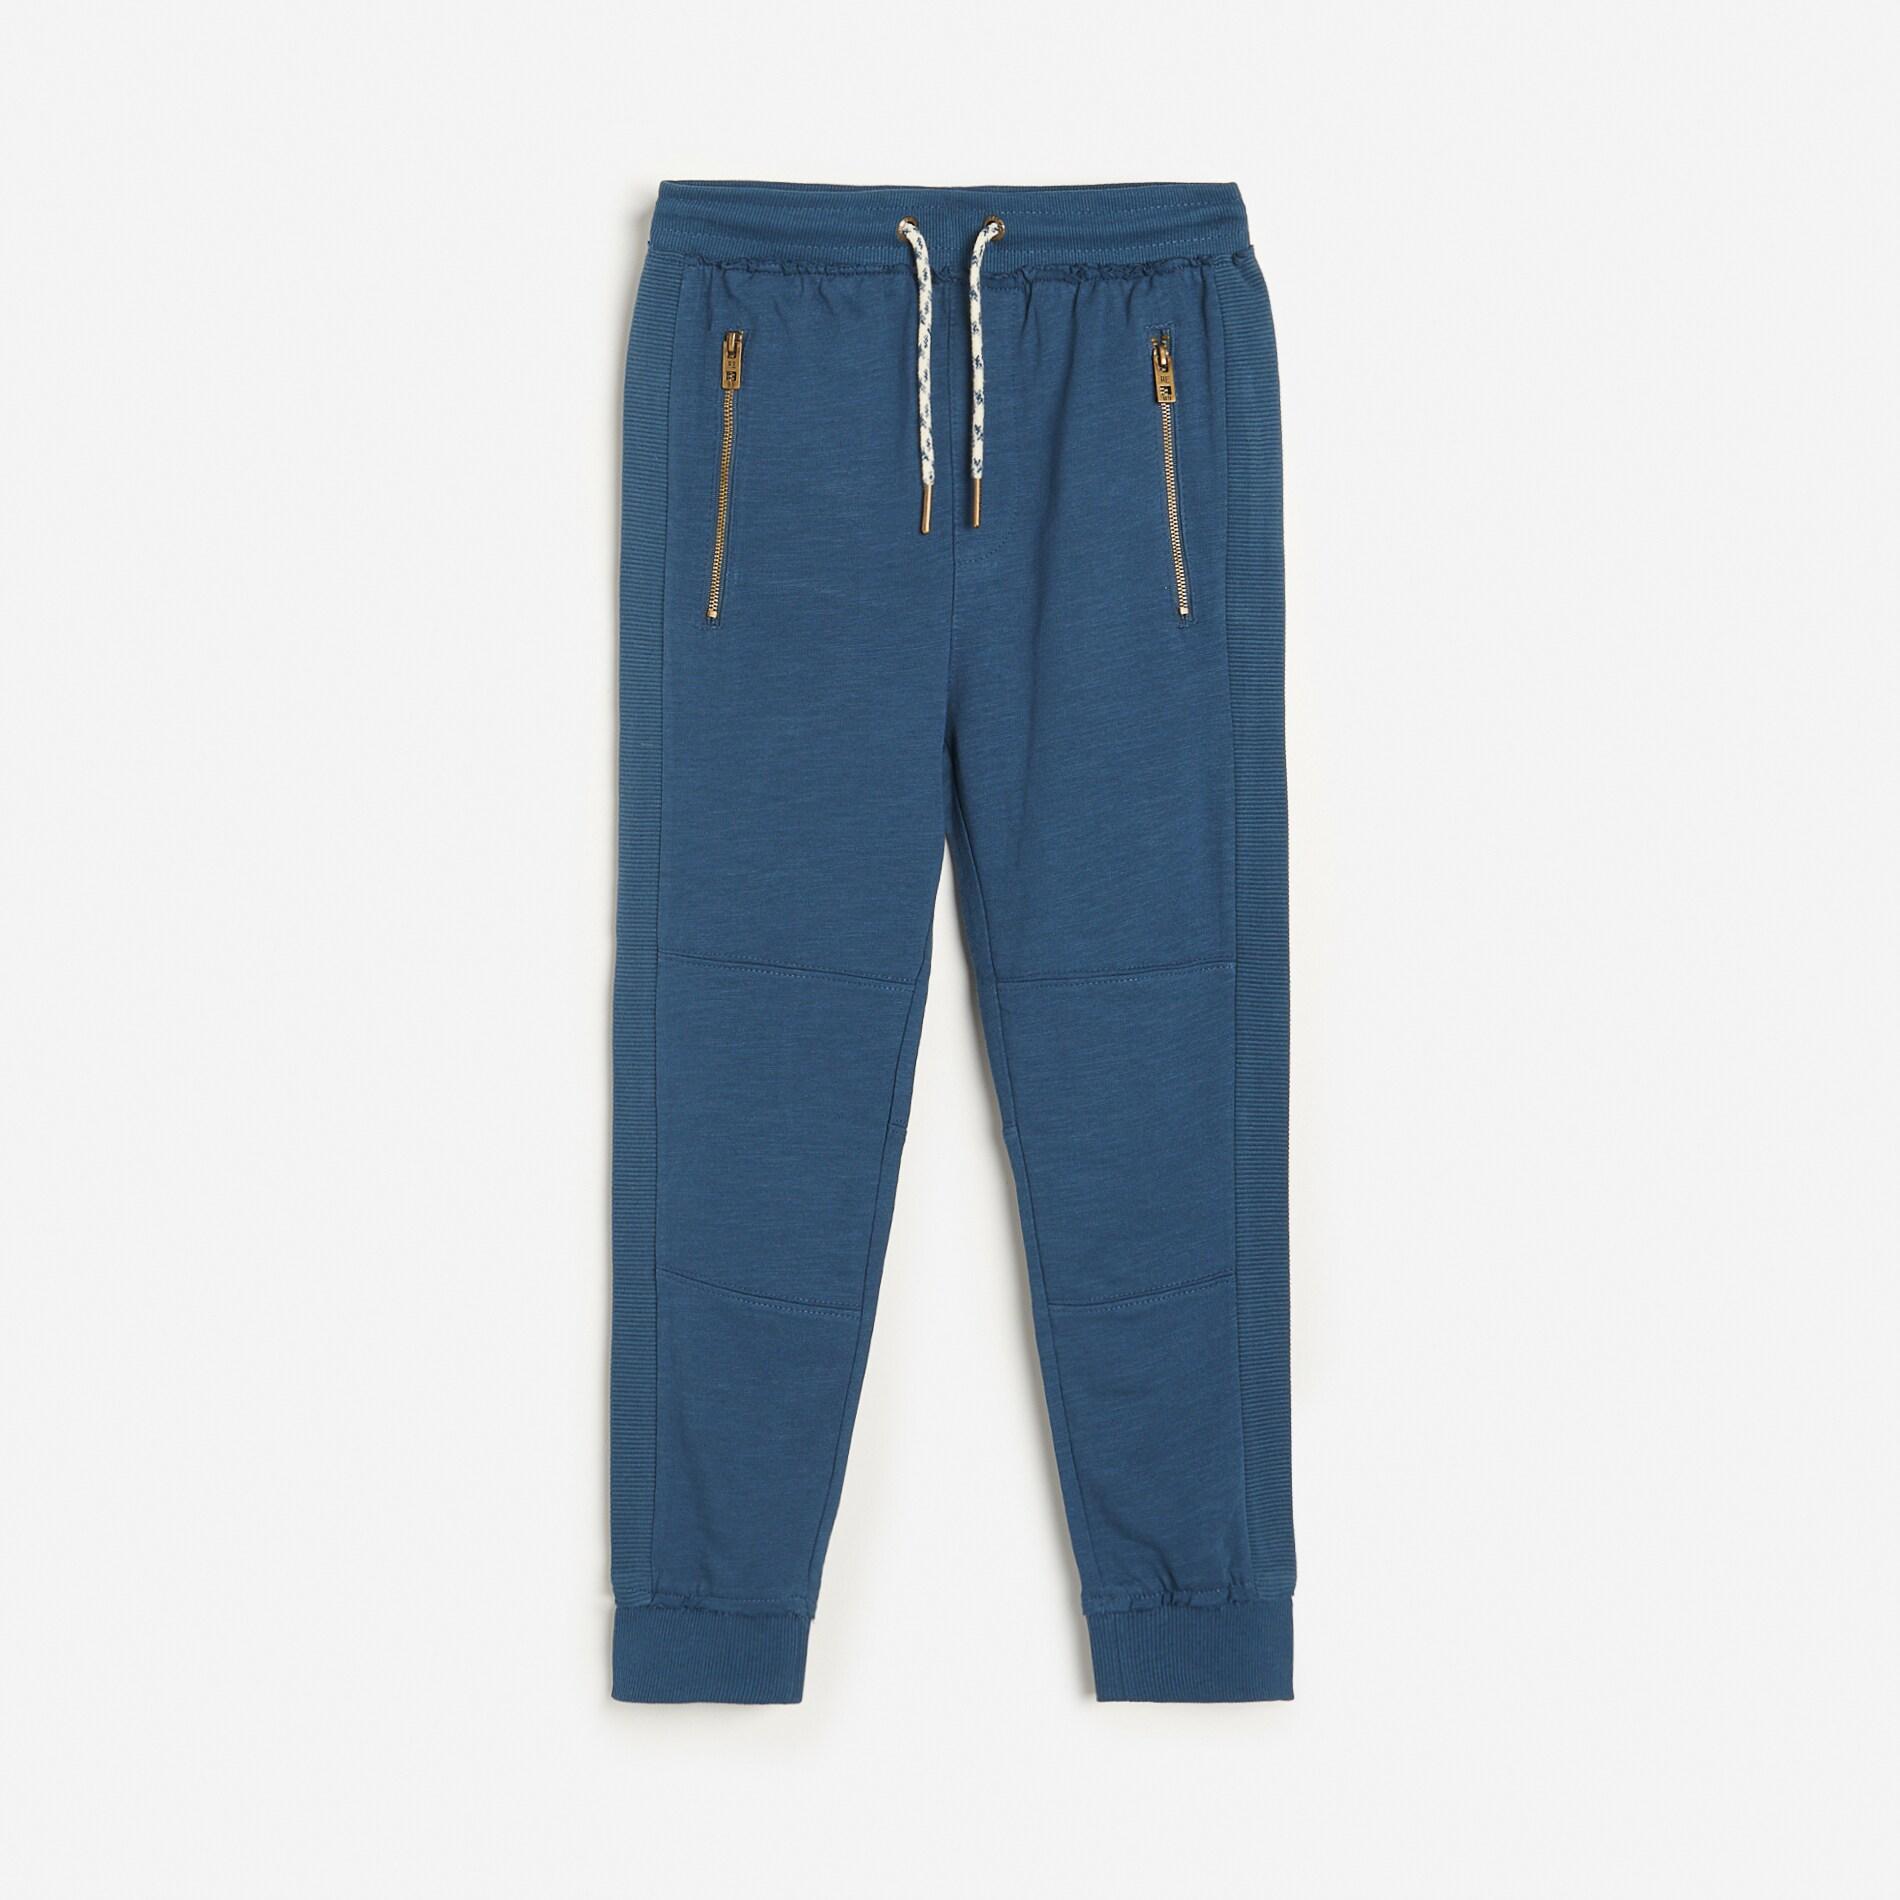 Reserved - Teplákové kalhoty joggers spostranními pruhy - Tmavomodrá